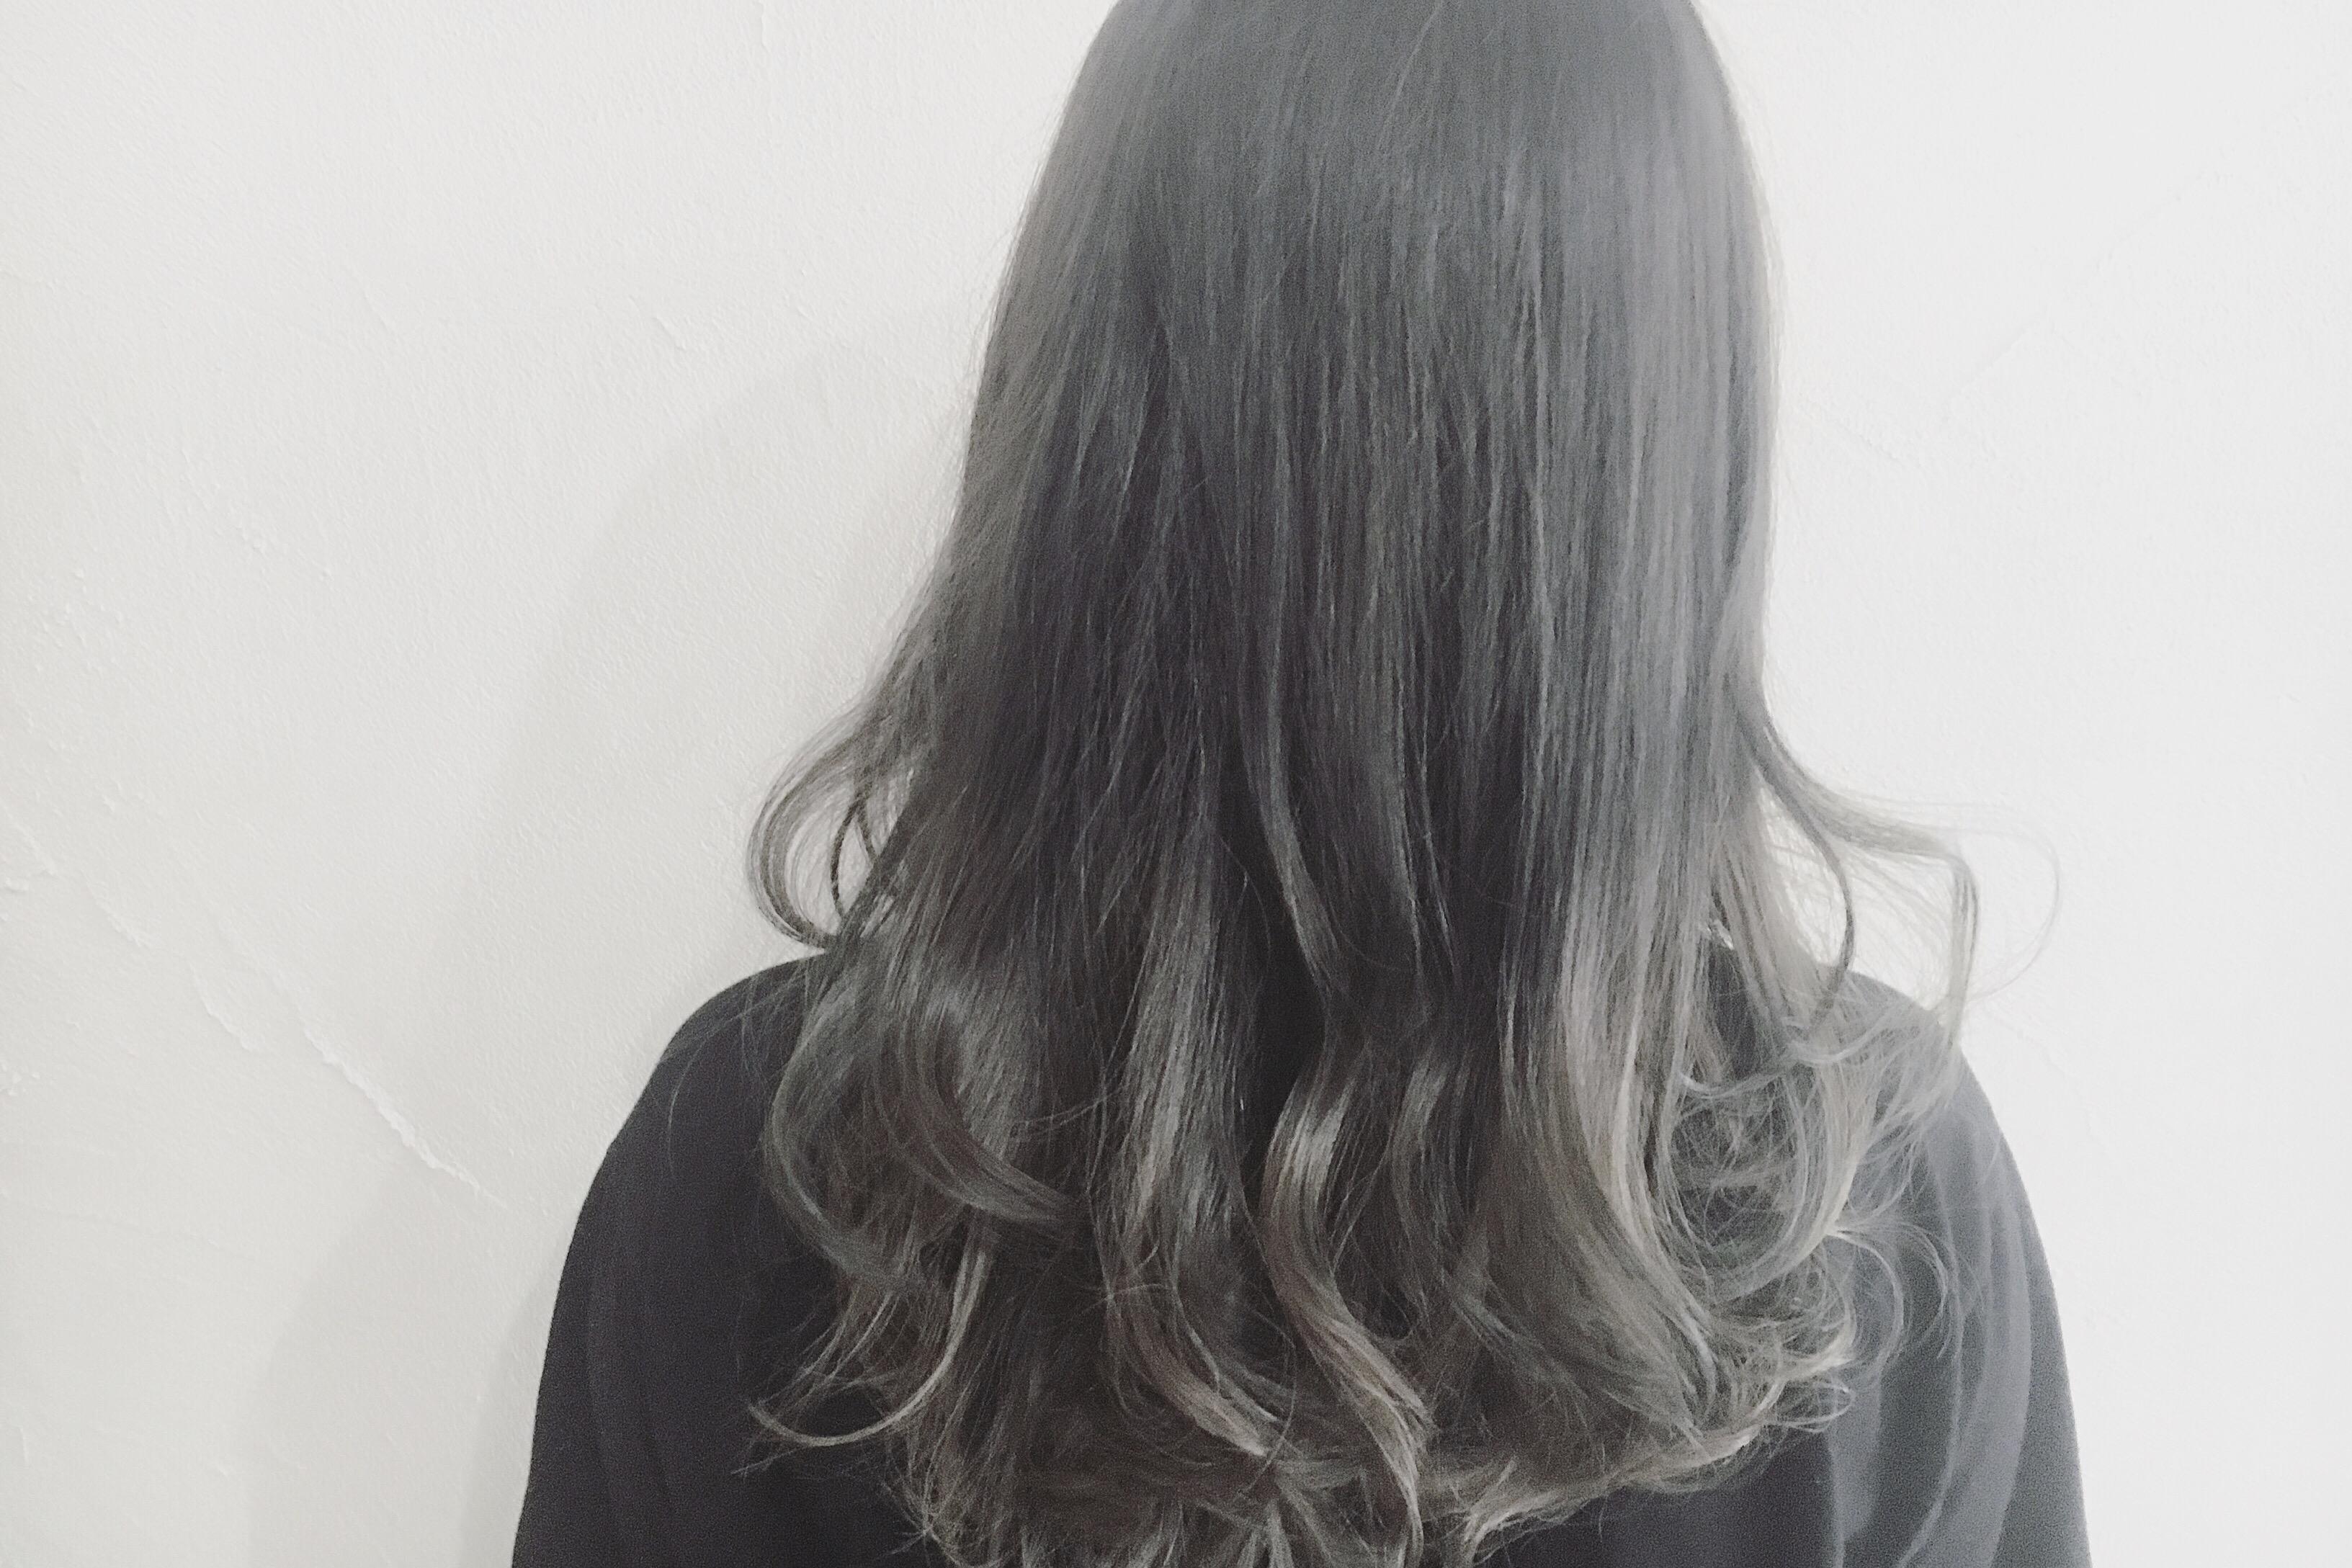 透明感のある髪色グレーを綺麗に作るポイントとは?